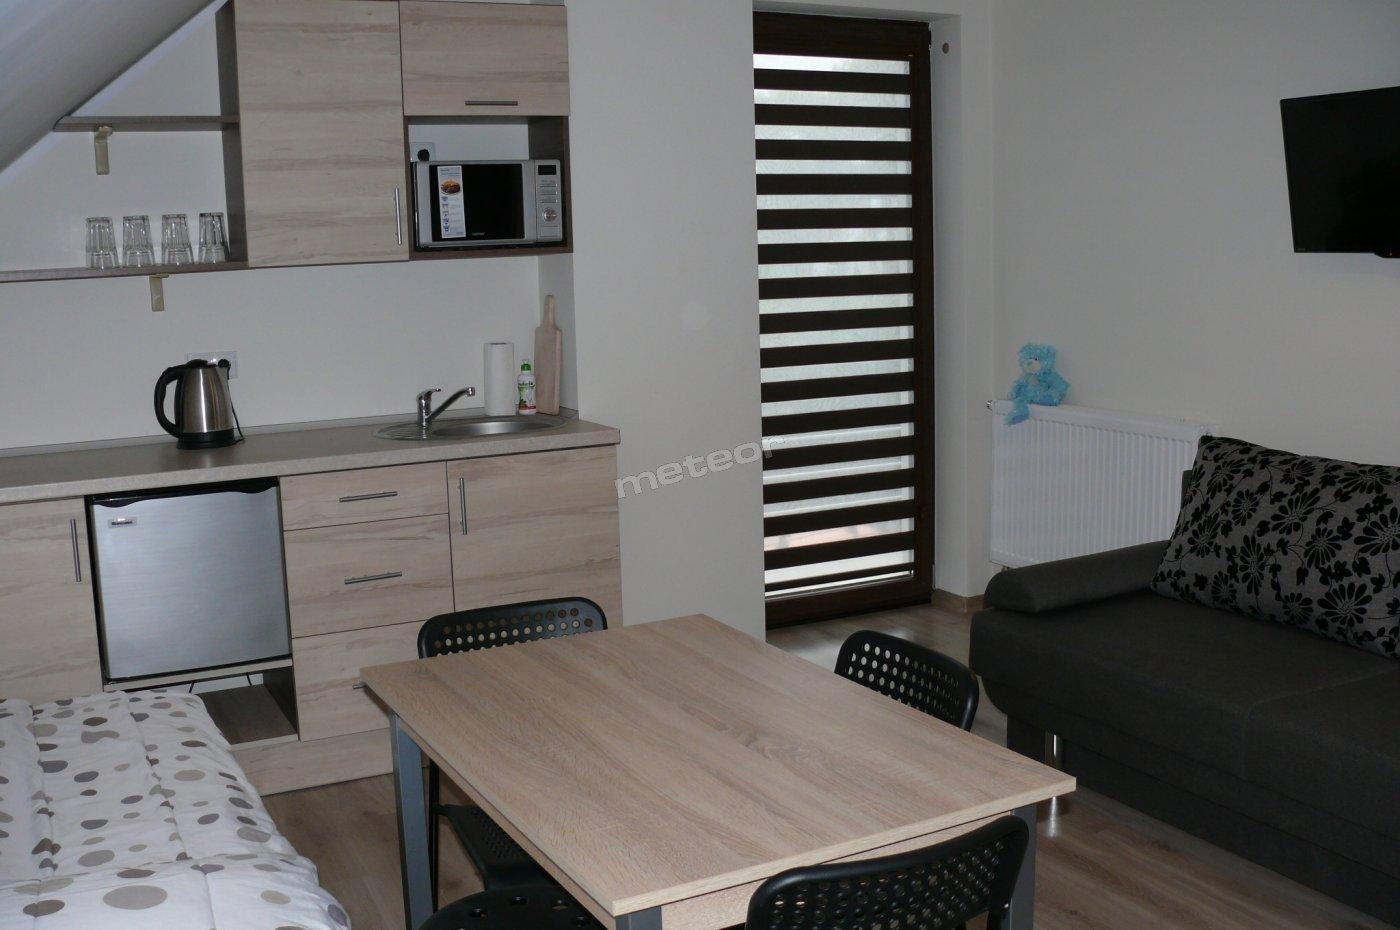 Pokój 4 os. z łazienką, aneksem kuchennym i balkonem